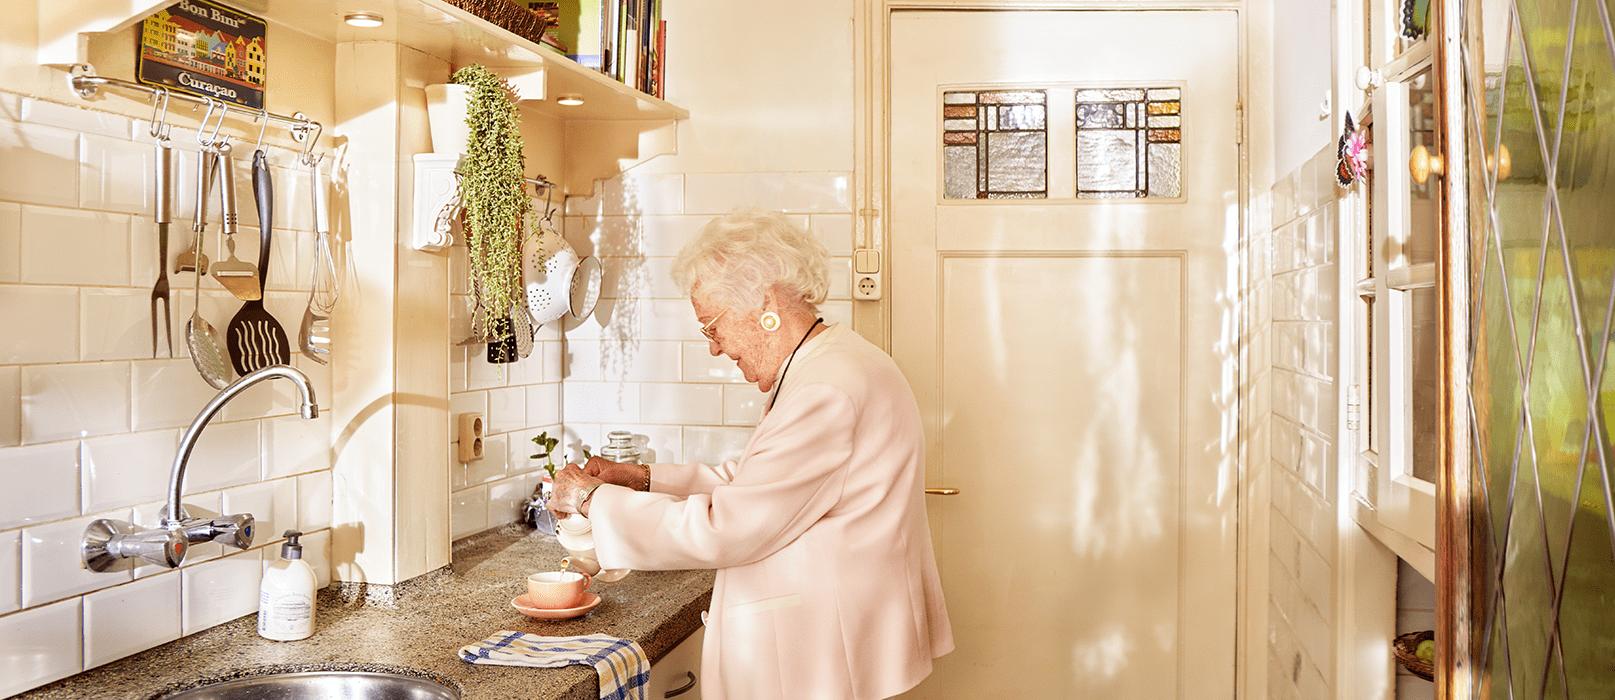 Mevrouw bezig in haar eigen keuken